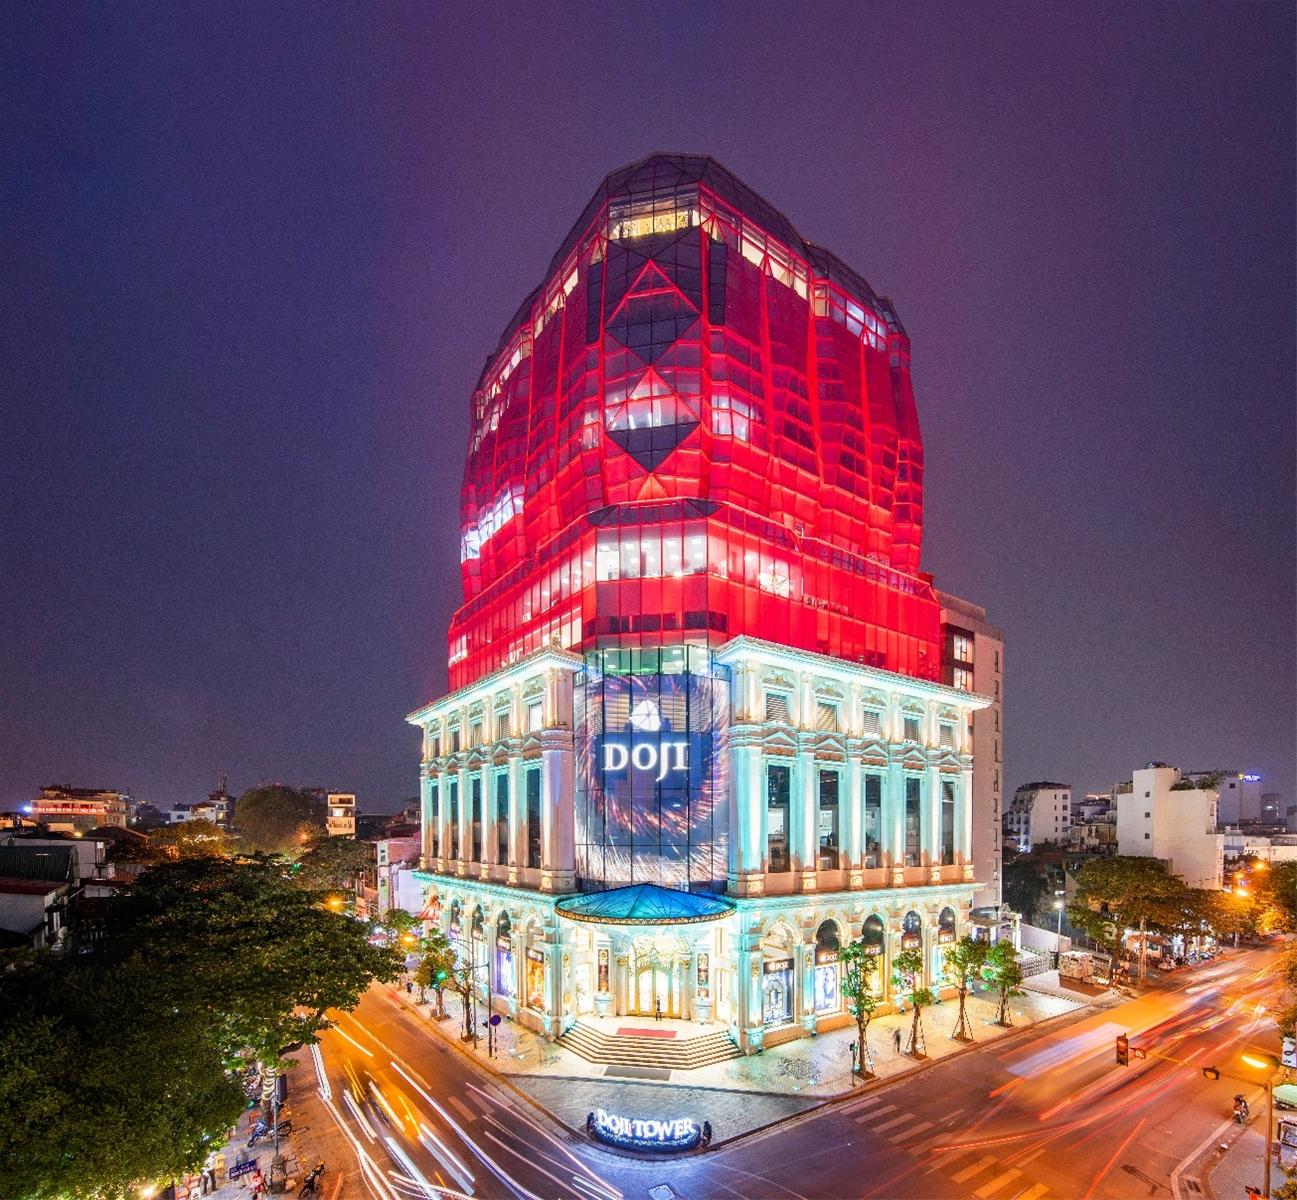 Kỳ vọng DOJI Tower là điểm đến nâng tầm du lịch Thủ đô